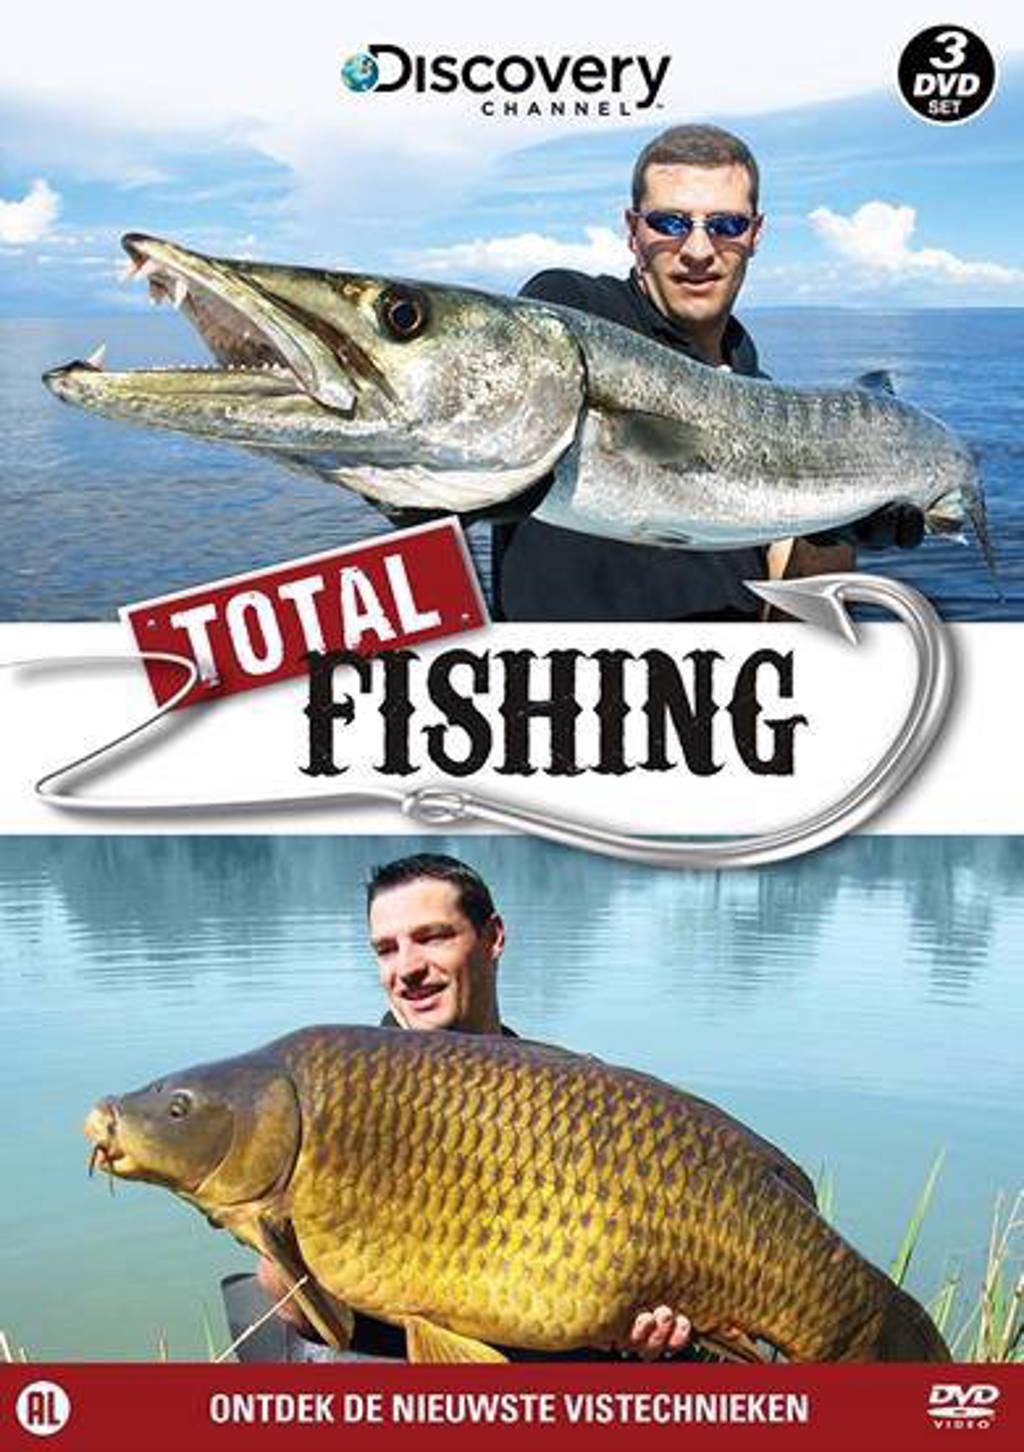 Total fishing (DVD)